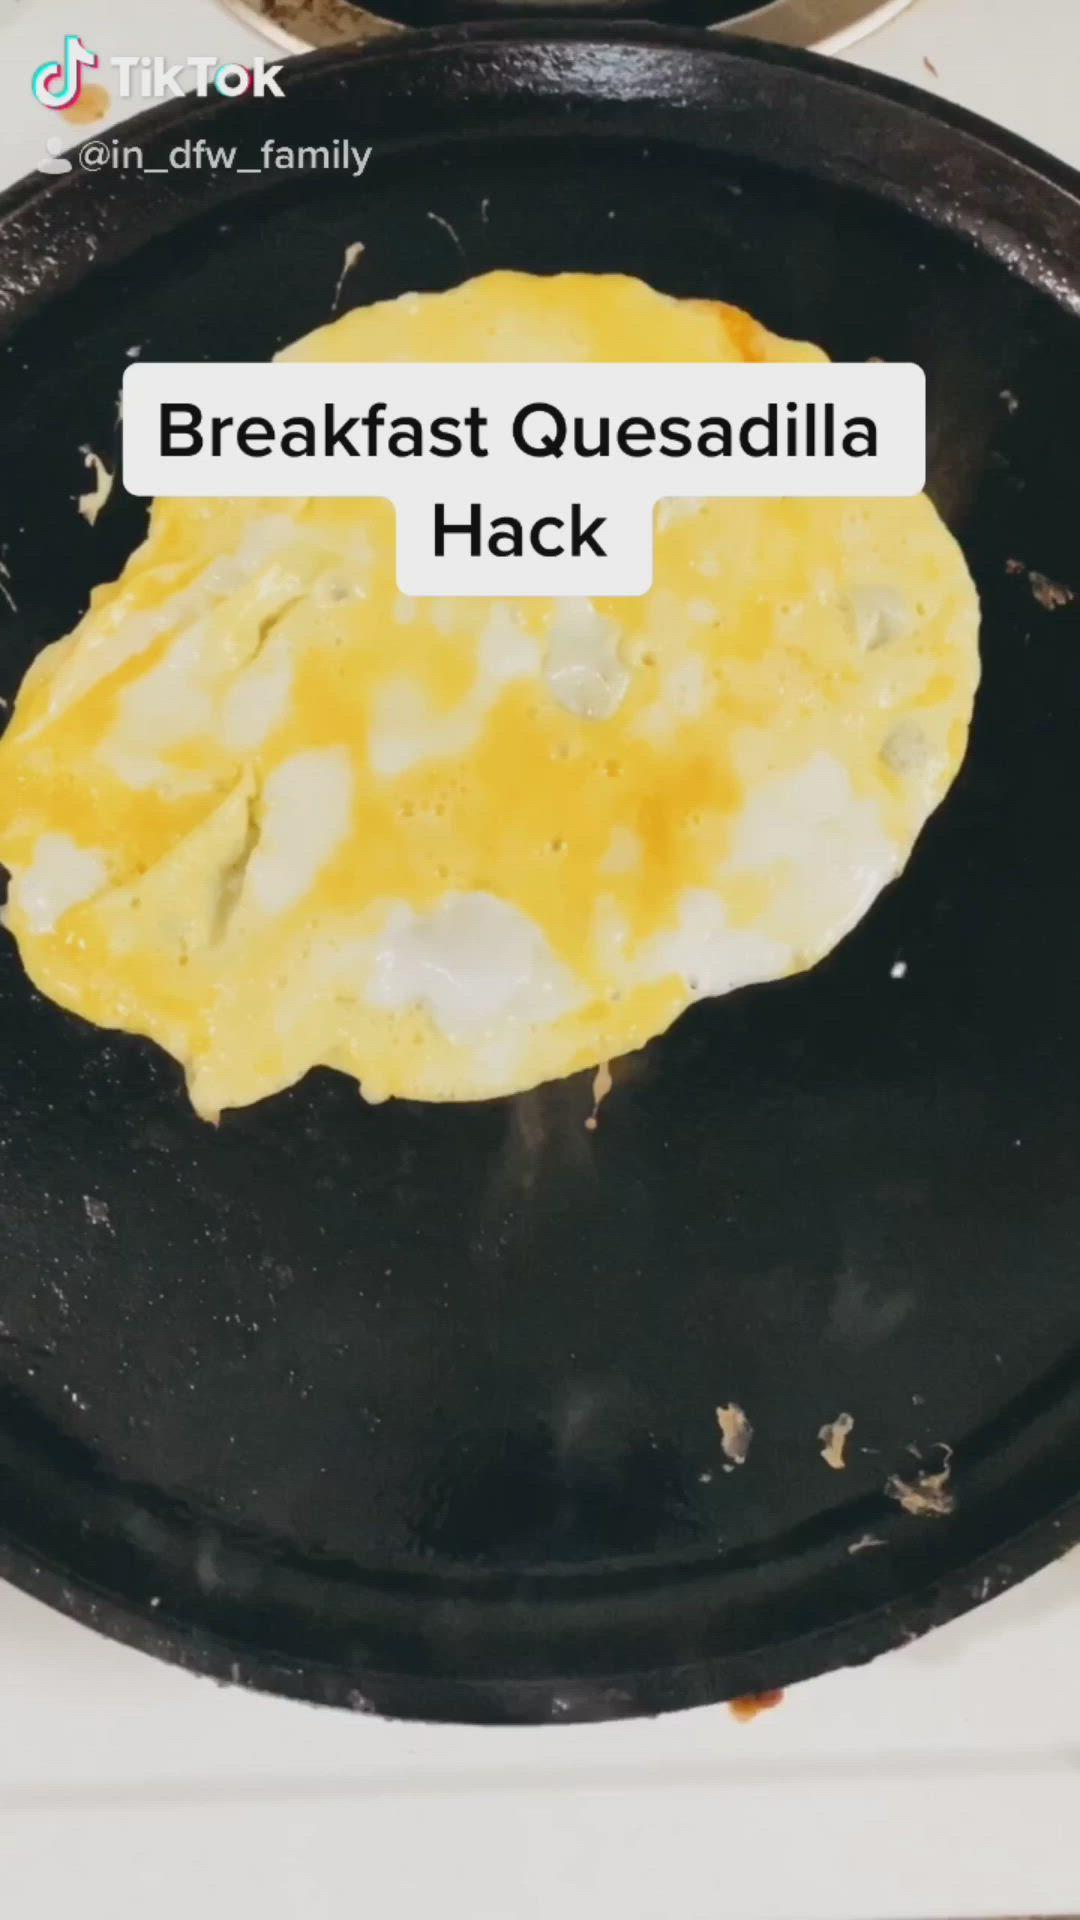 Breakfast Quesadilla Hack Video Breakfast Quesadilla Sweet Snacks Recipes Breakfast Recipes Easy